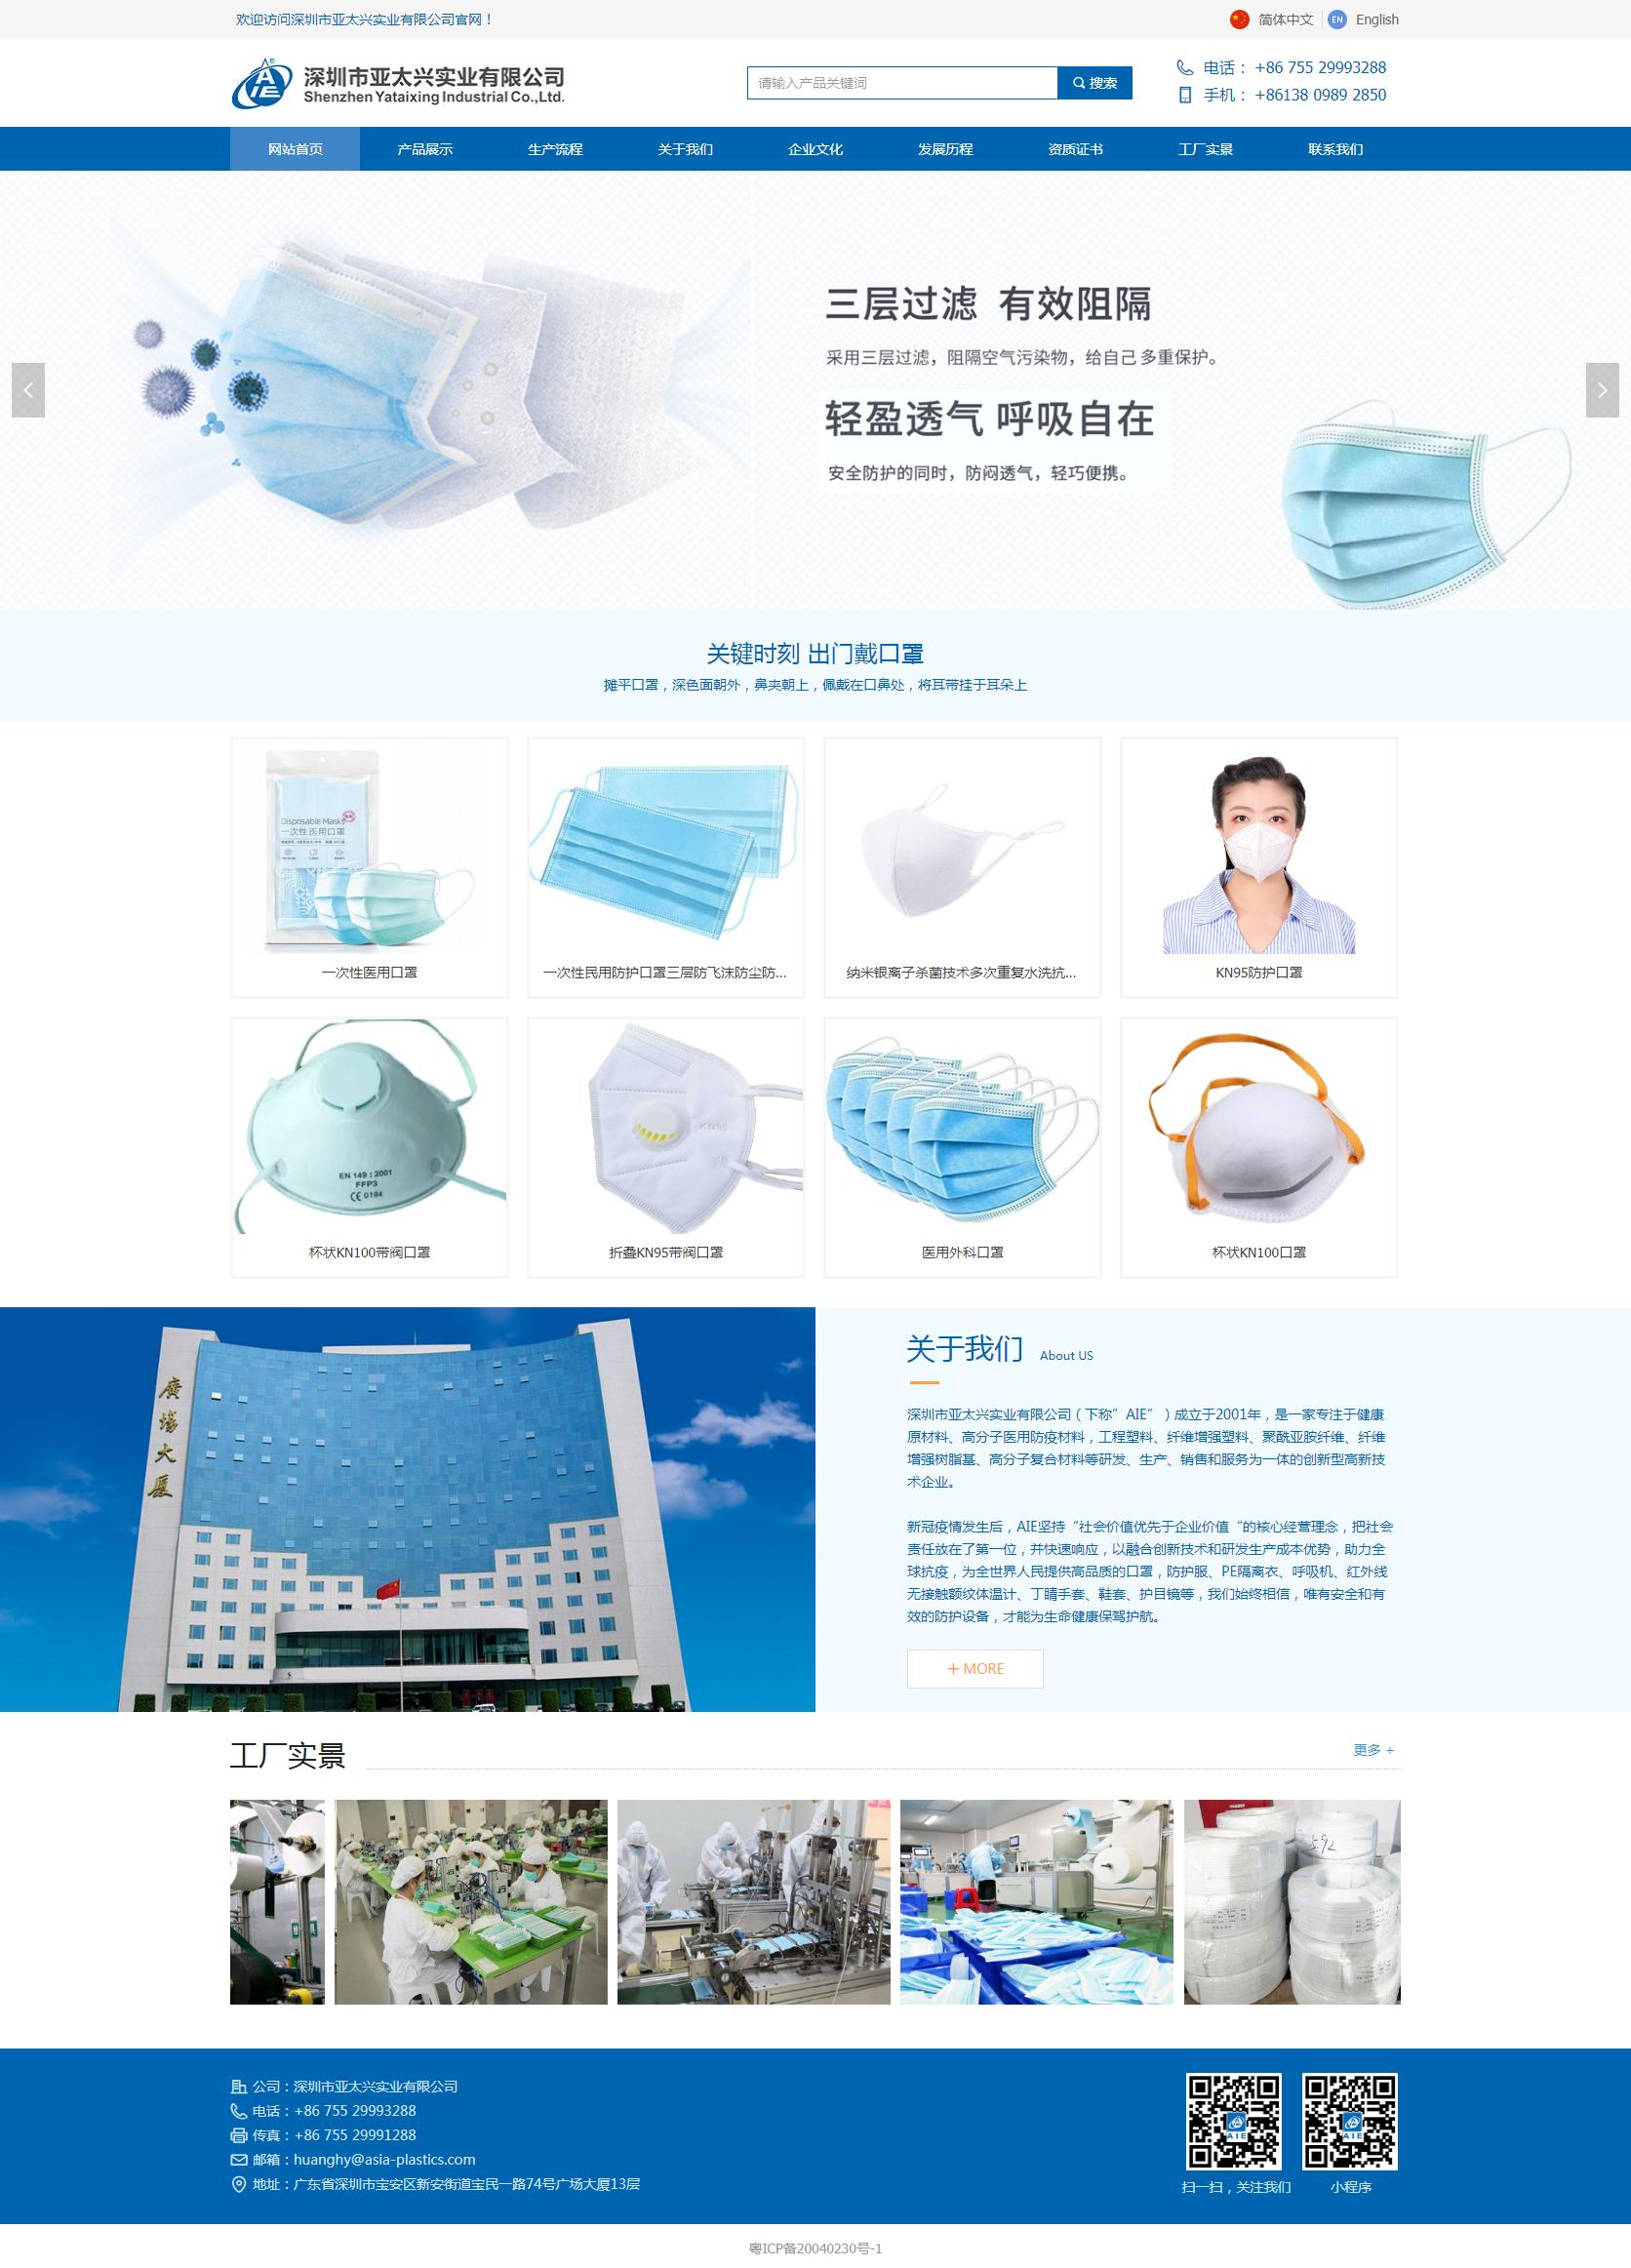 亚太国际中英文网站由够完美设计师乔天语设计制作